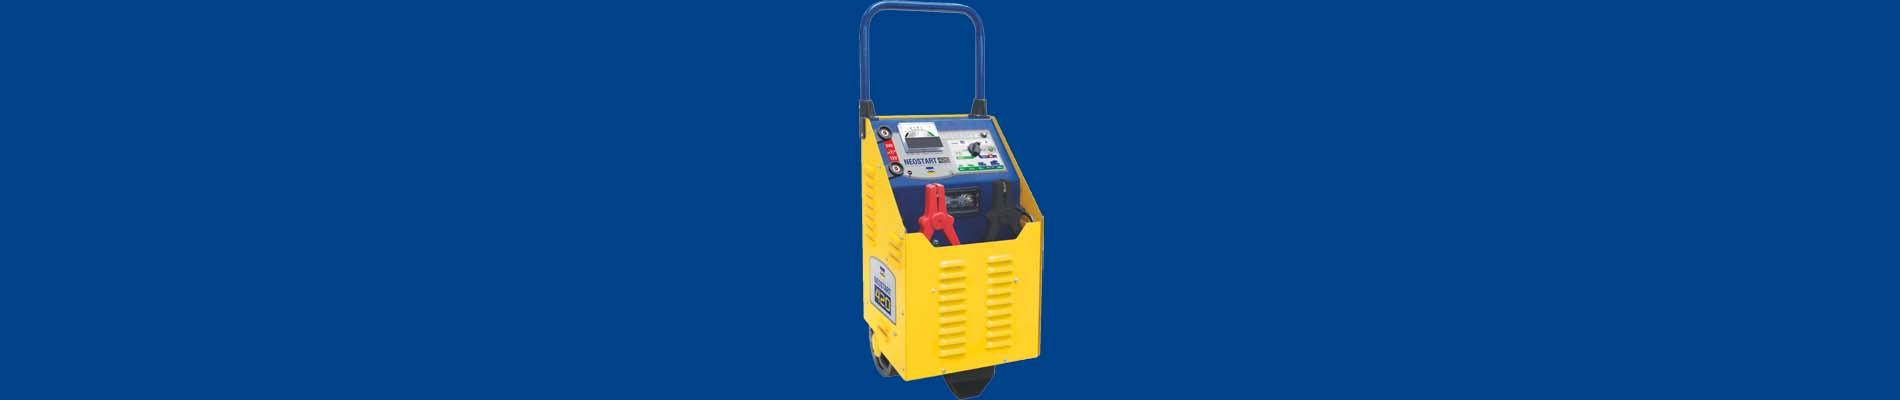 chargeur de batteries professionnel